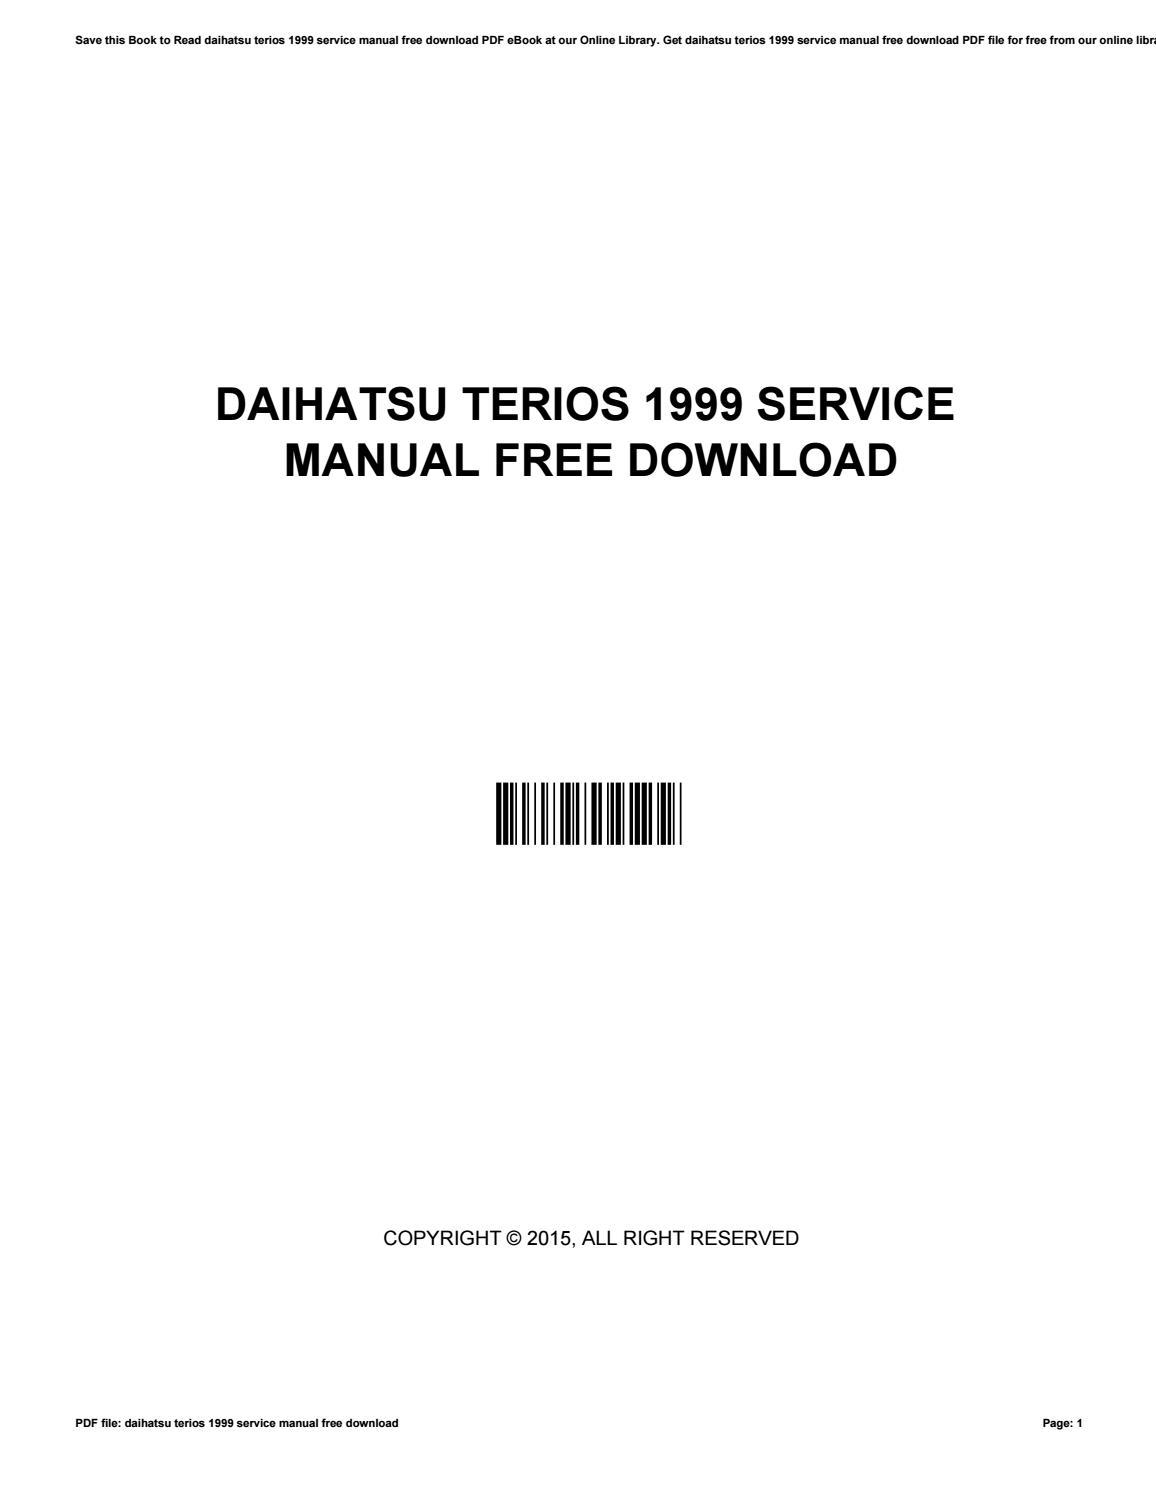 daihatsu terios owners manual free download